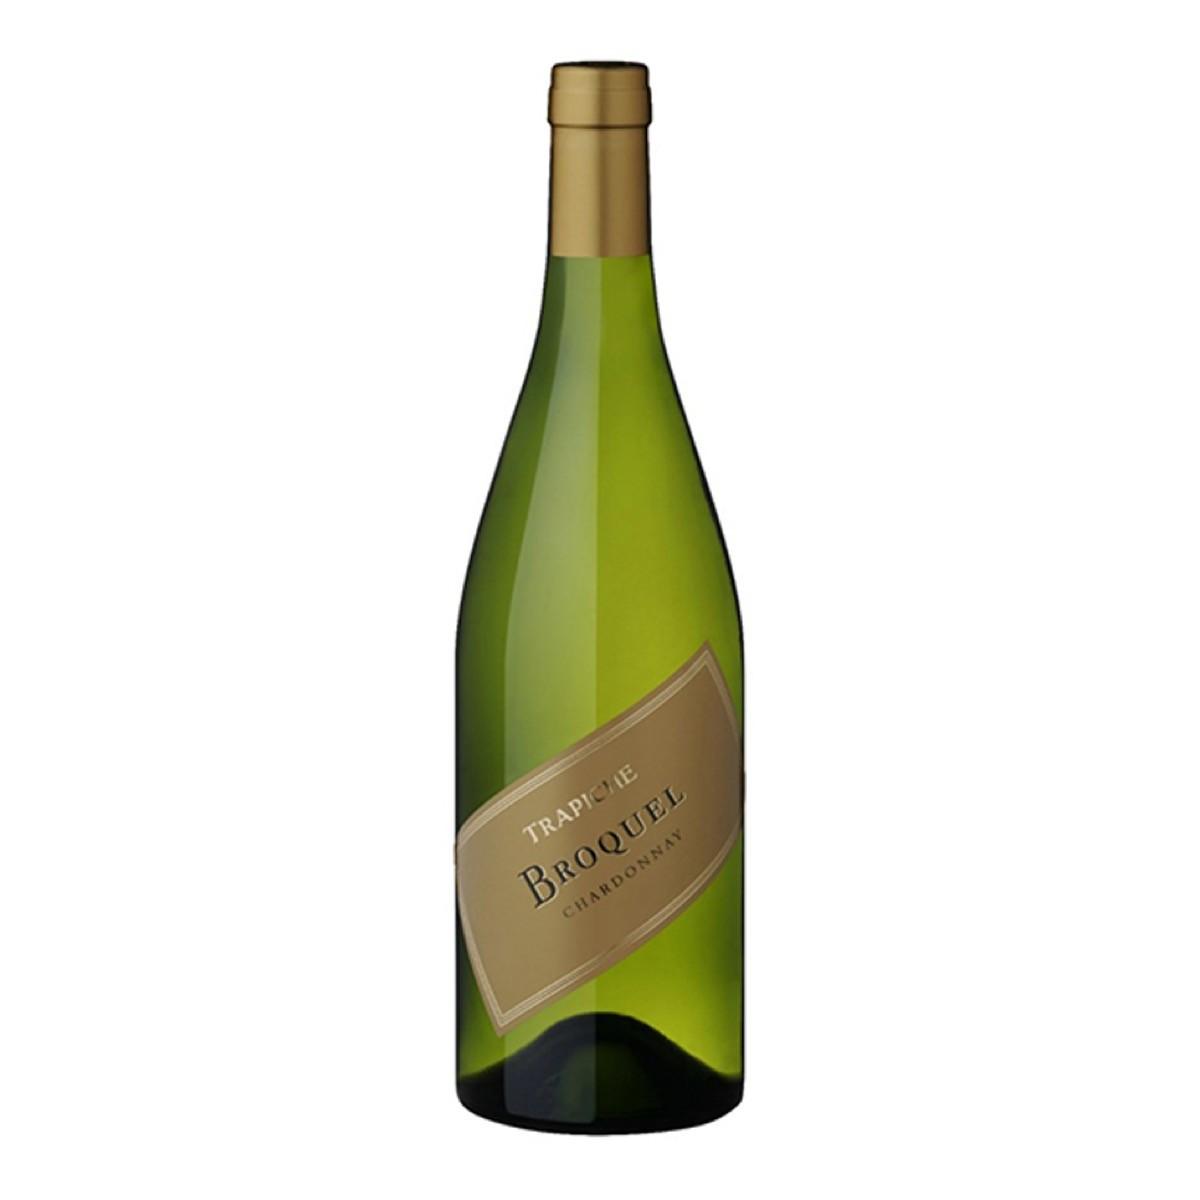 Trapiche Broquel Chardonnay 2016